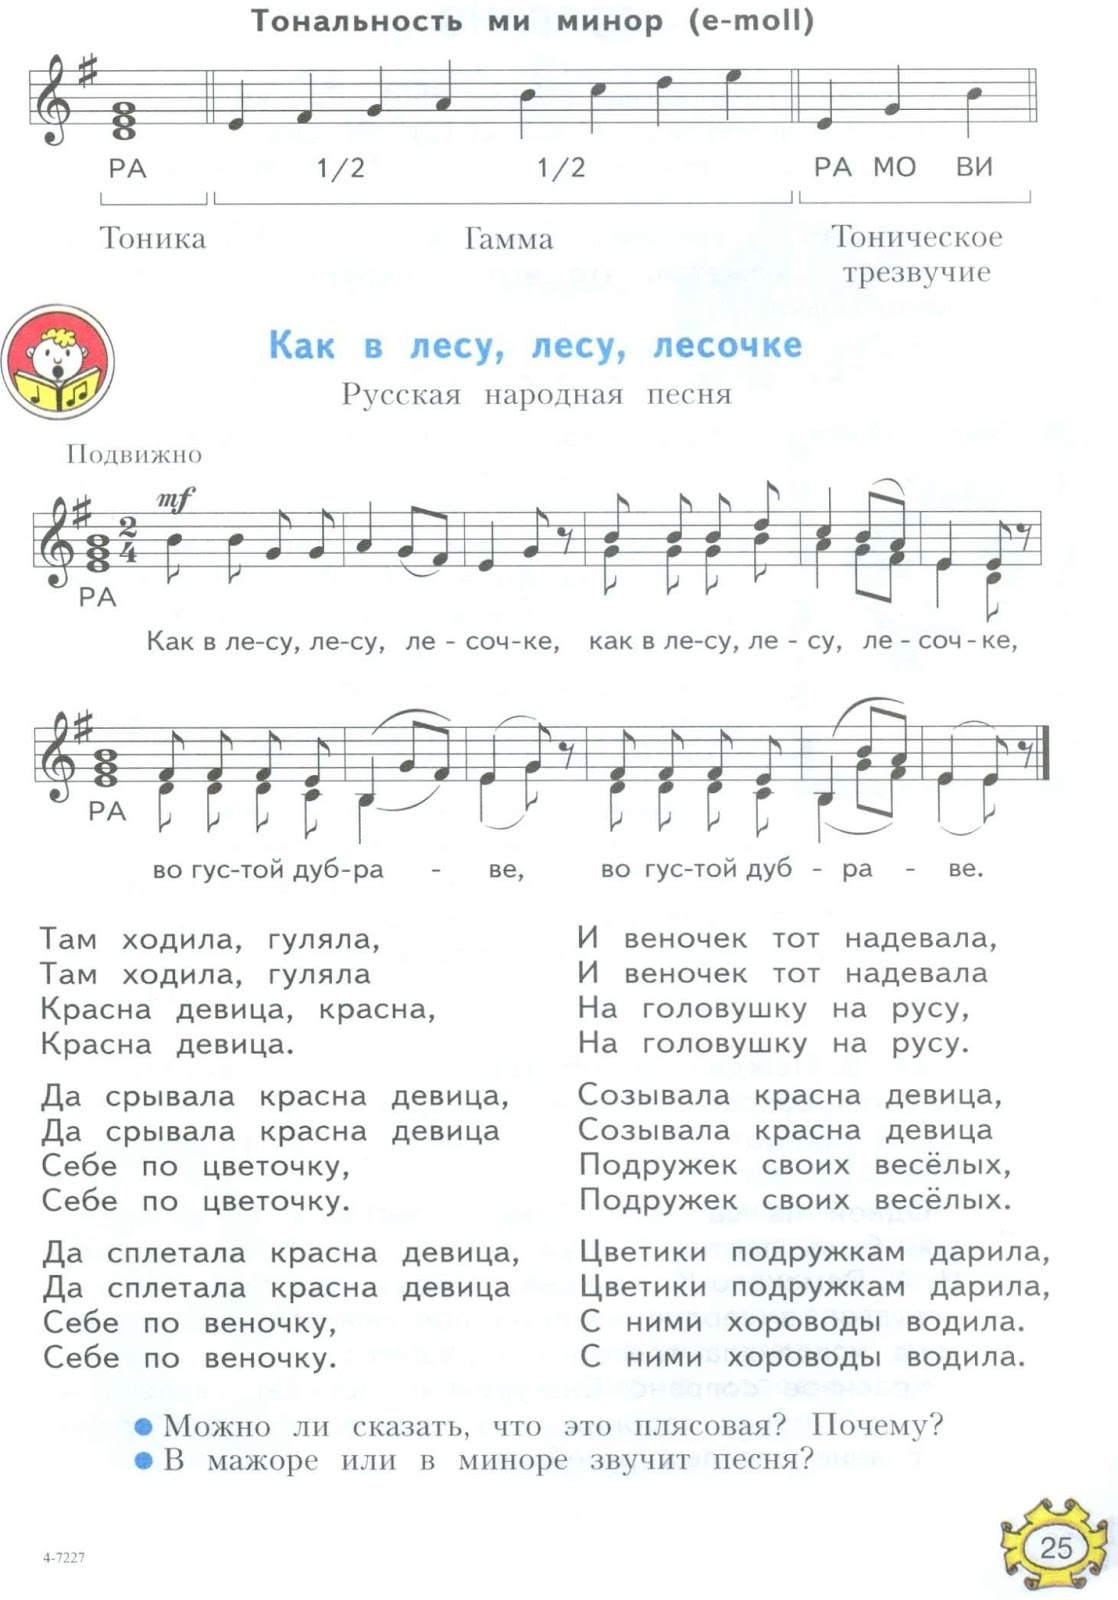 КАК В ЛЕСУ ЛЕСОЧКЕ ВЫРОСЛИ ГРИБОЧКИ ПЕСНЯ СКАЧАТЬ БЕСПЛАТНО